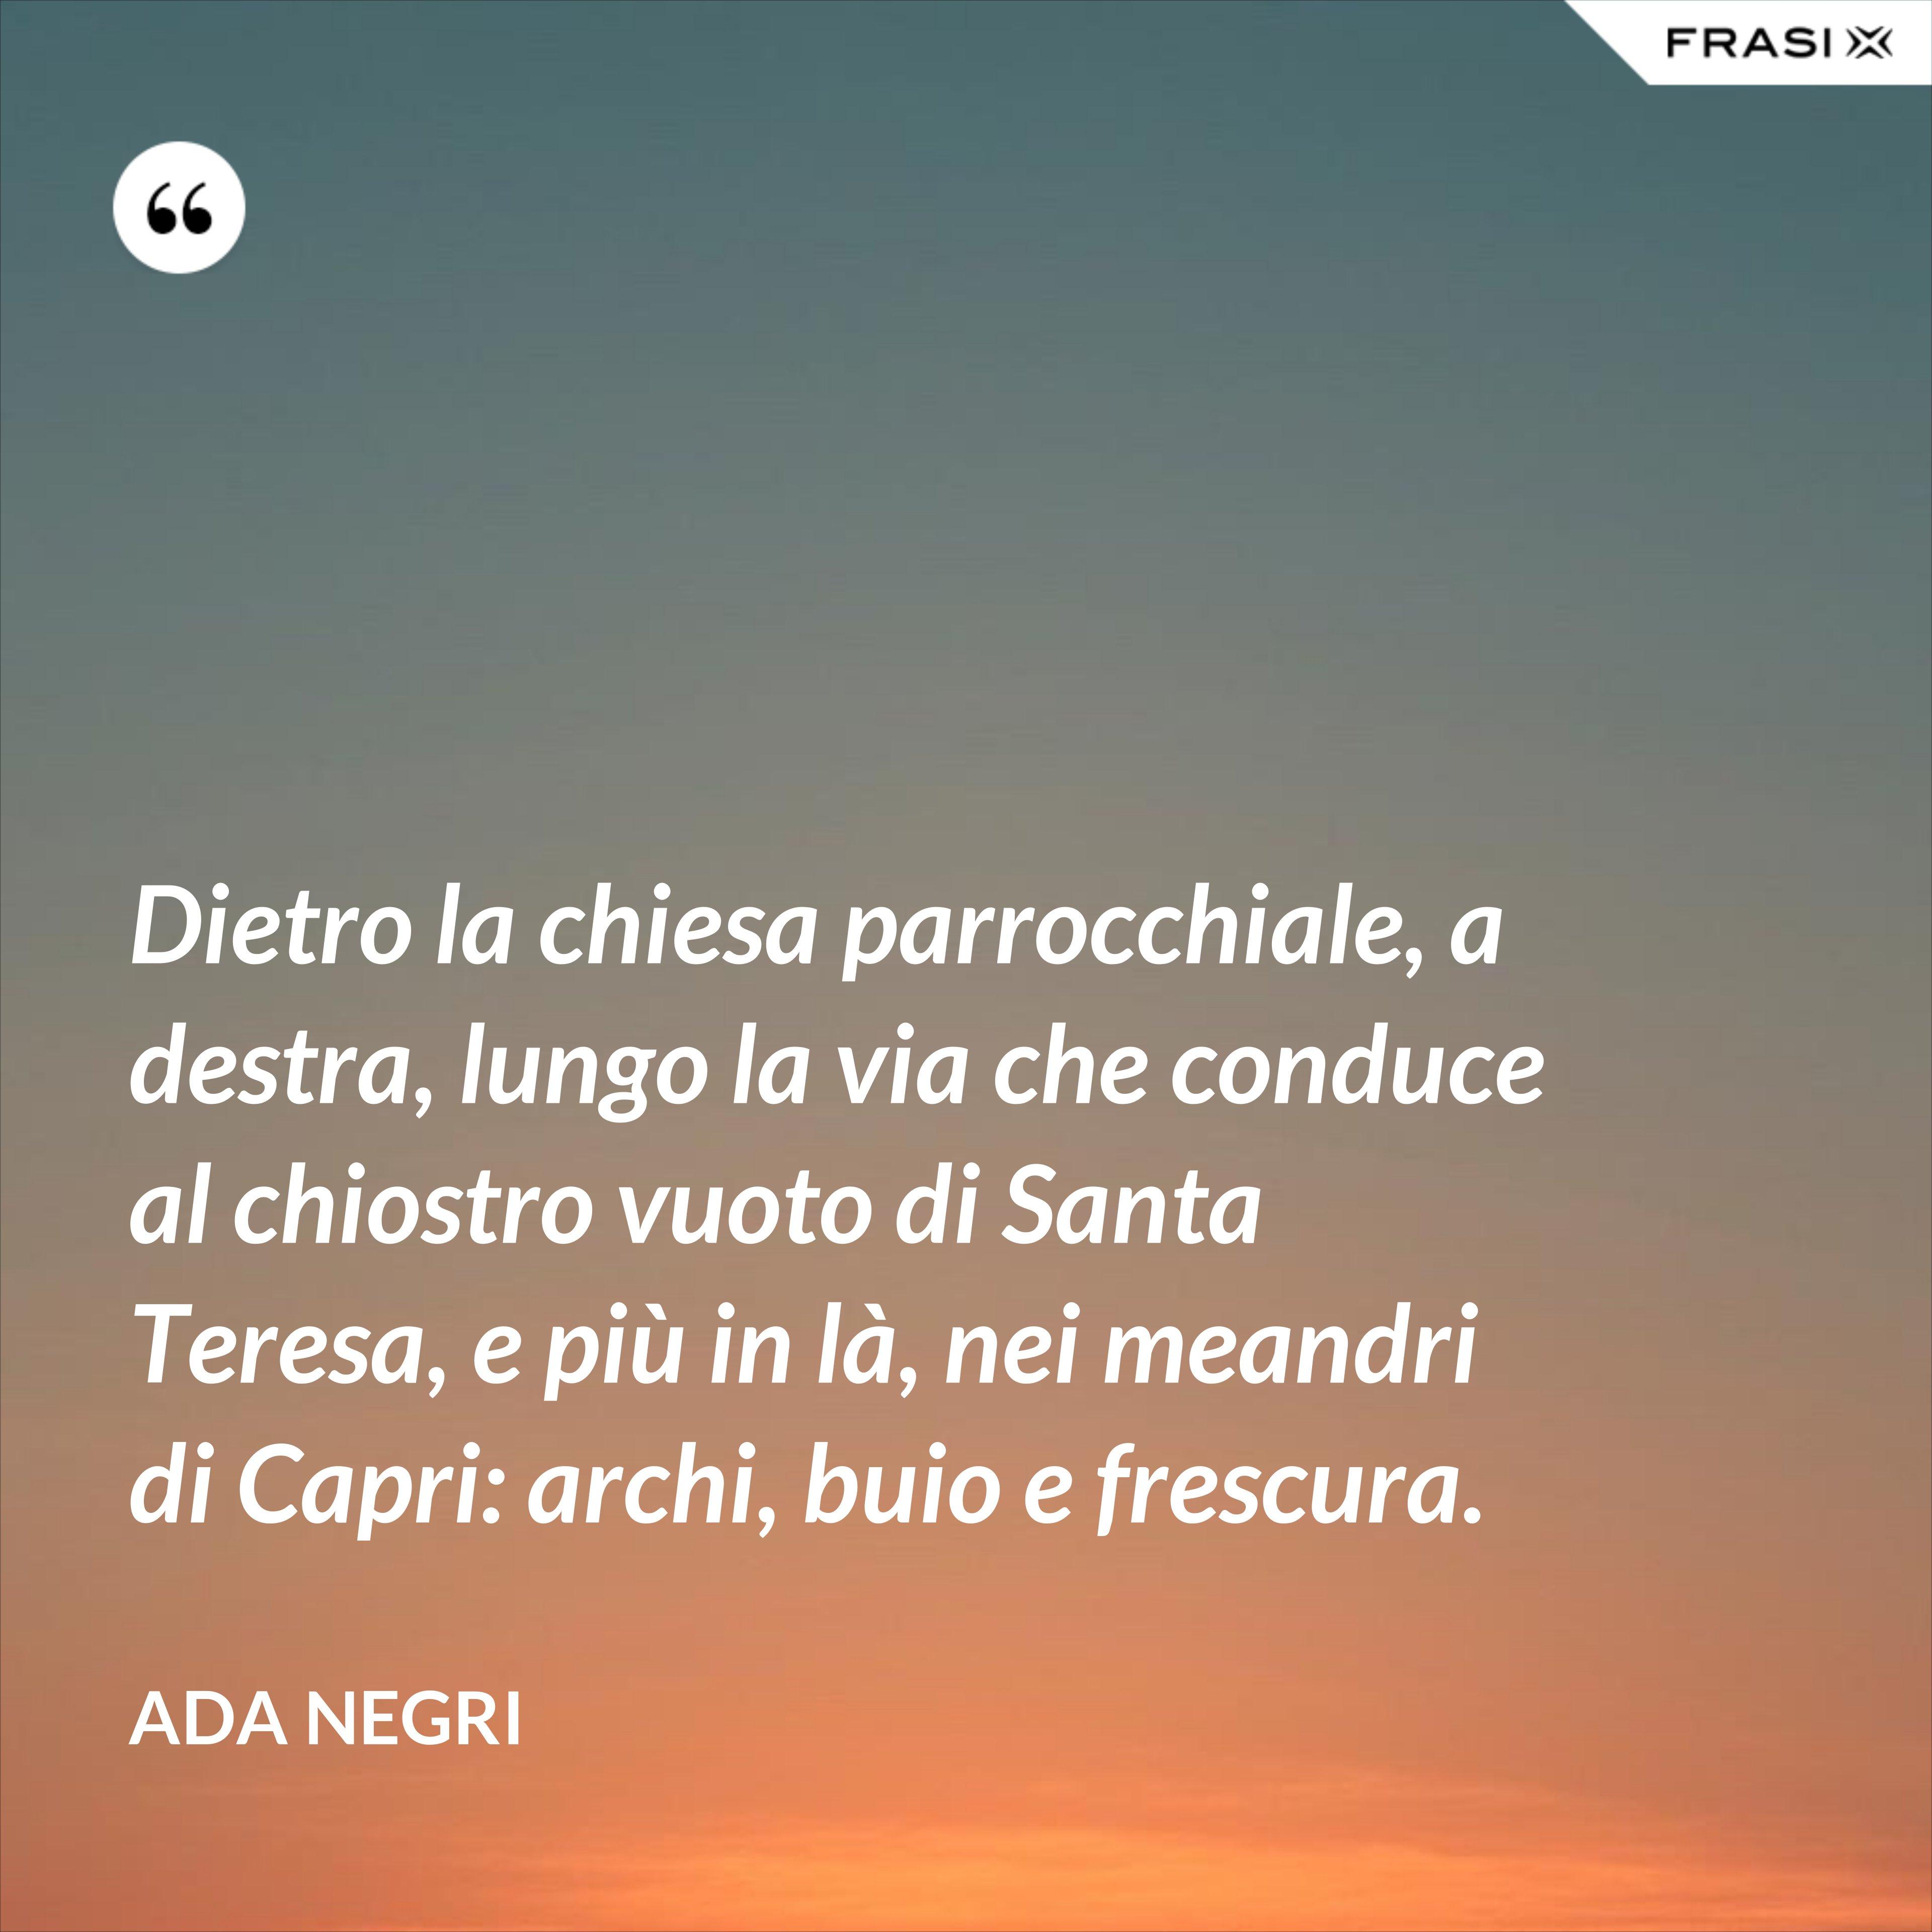 Dietro la chiesa parrocchiale, a destra, lungo la via che conduce al chiostro vuoto di Santa Teresa, e più in là, nei meandri di Capri: archi, buio e frescura. - Ada Negri